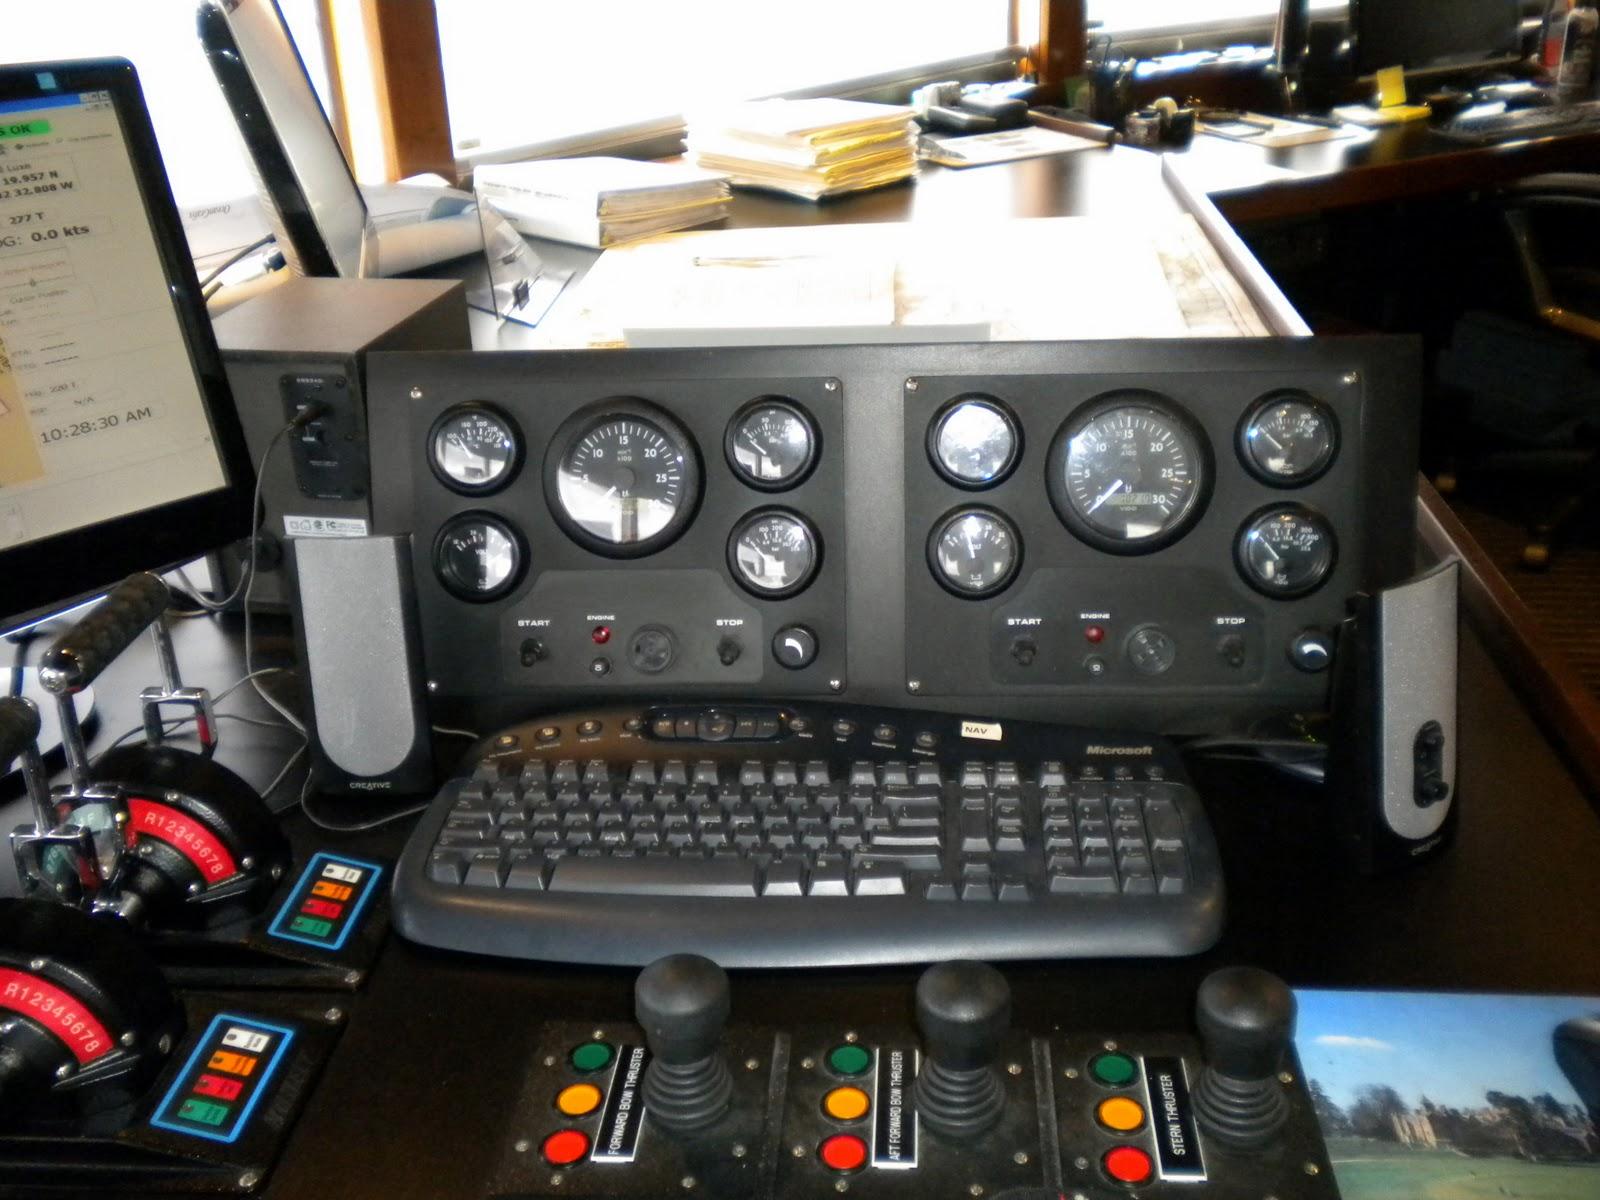 Capn Navigation Software Keygen